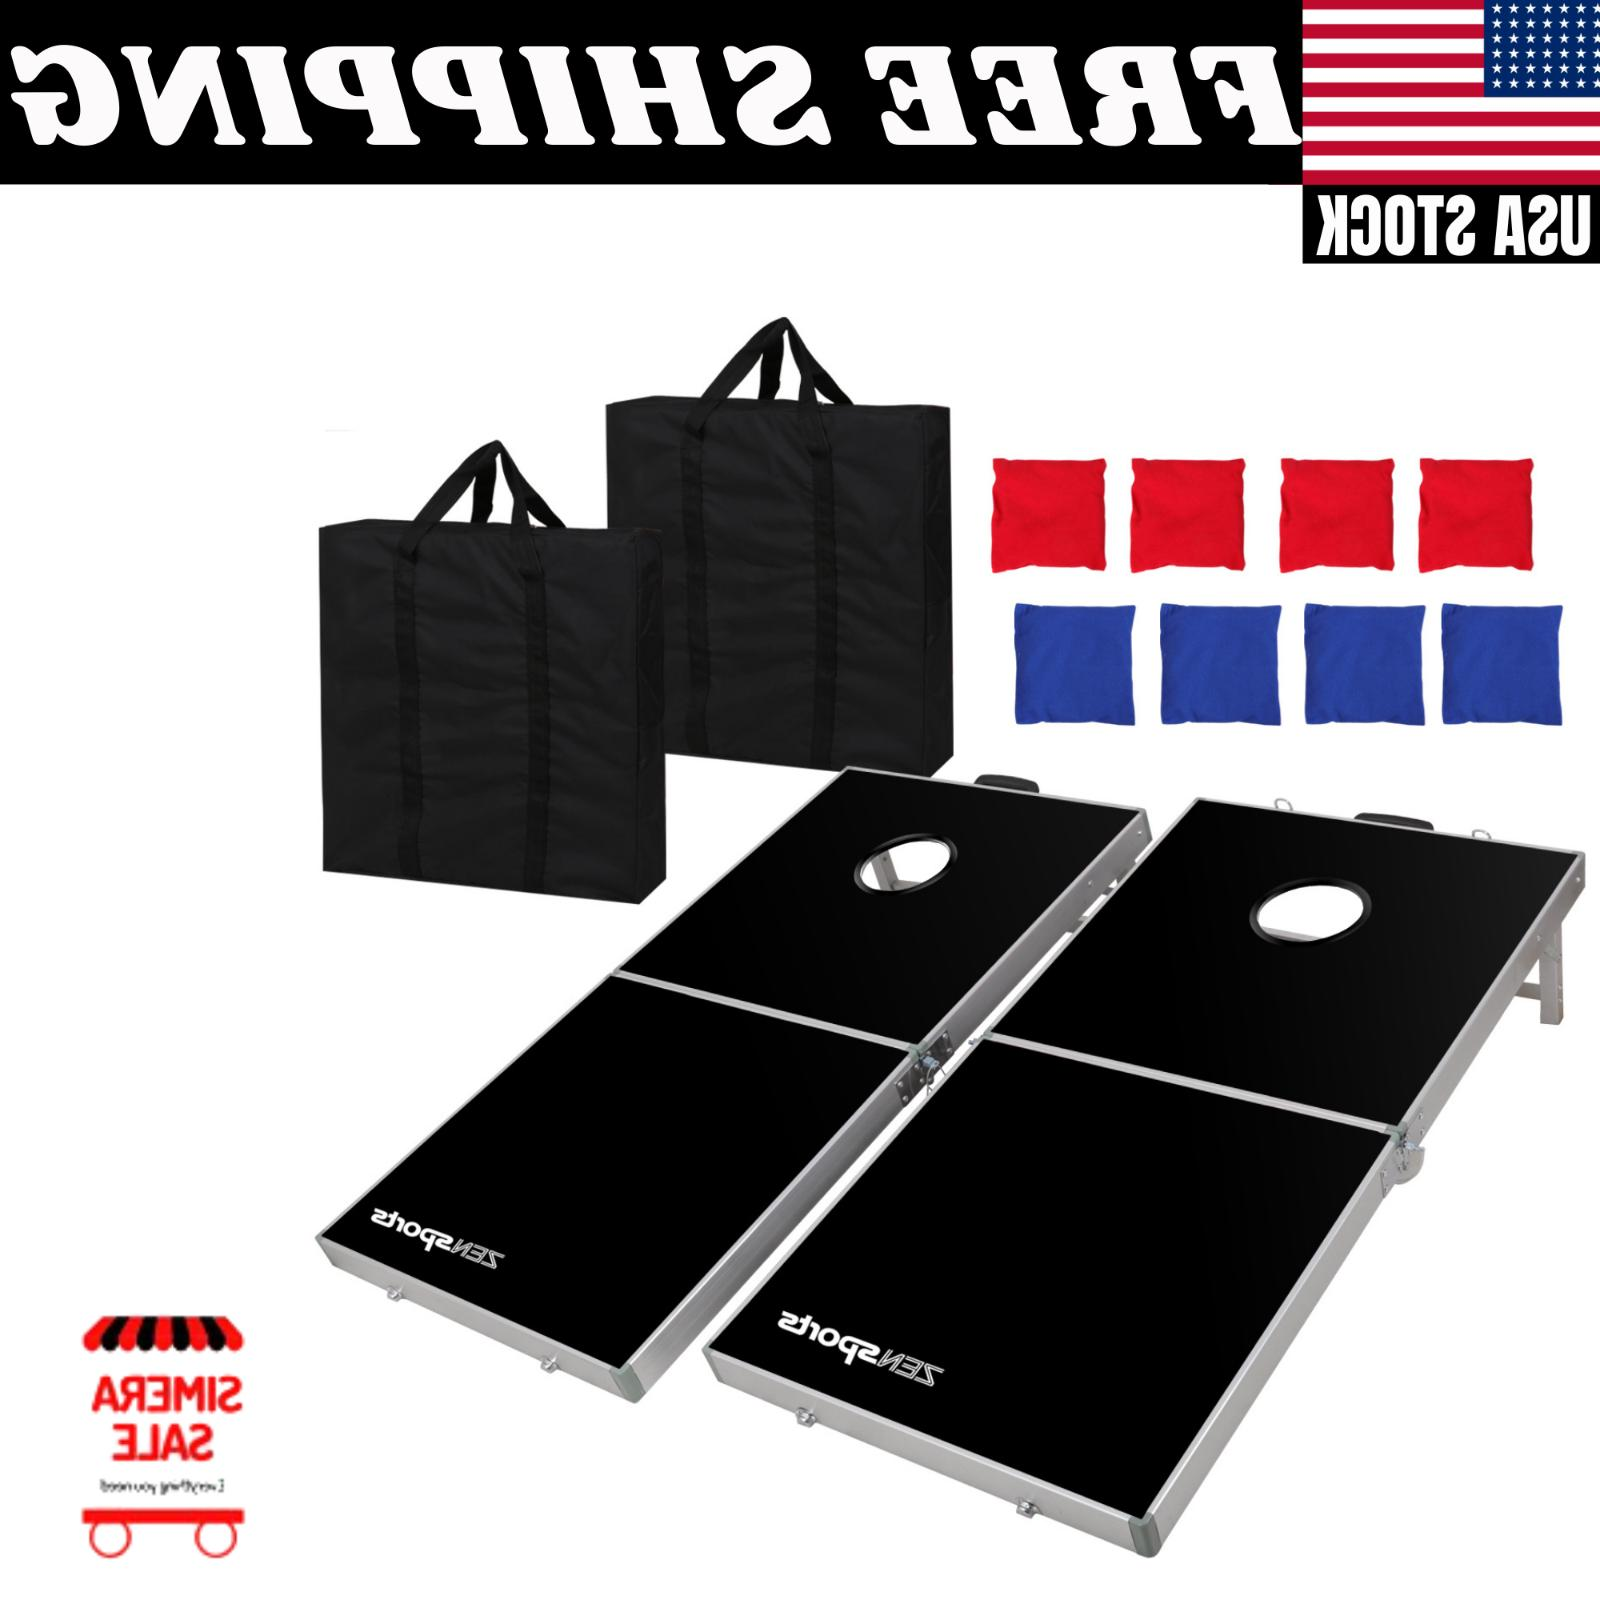 4 x Aluminium Cornhole Pro Size Bean Set Black